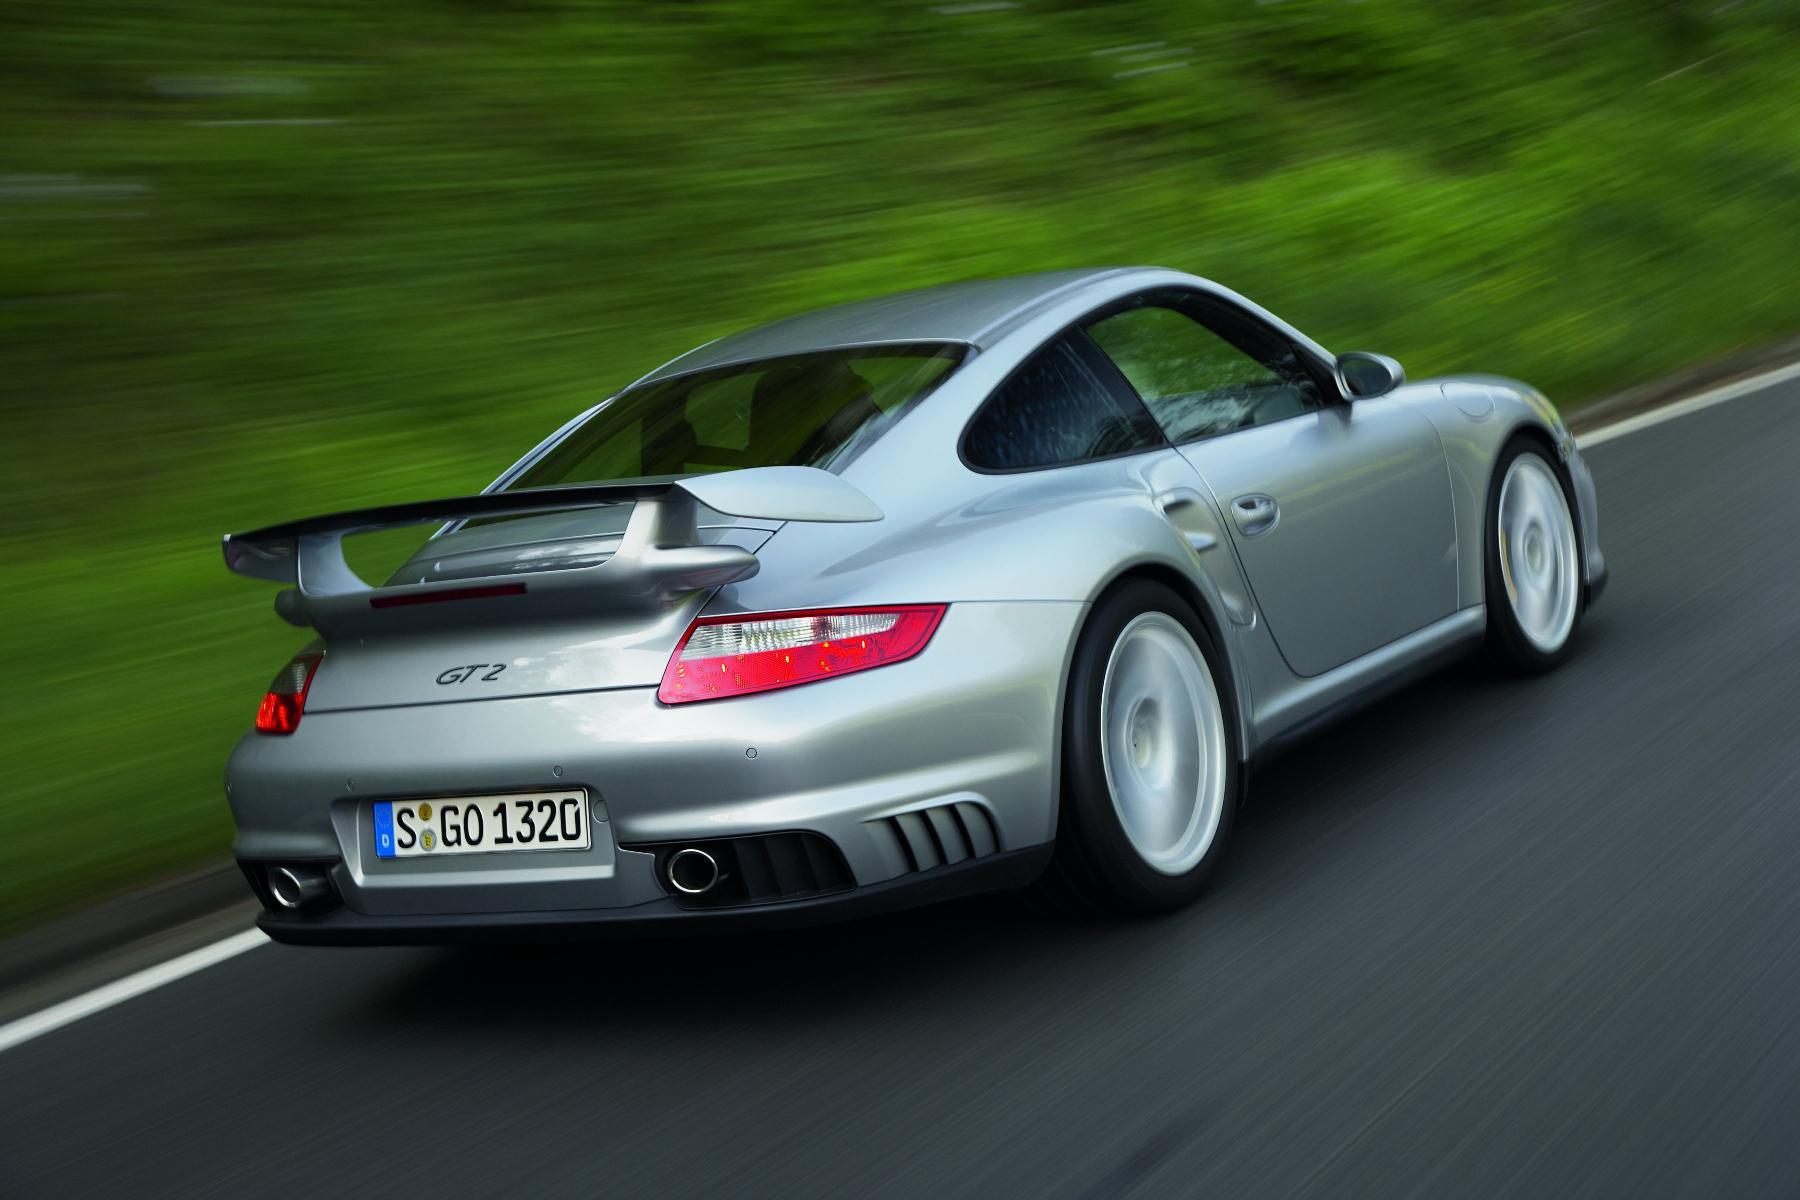 997-Porsche-911-GT2 Outstanding Porsche 911 Gt2 Wheel Au Cars Trend